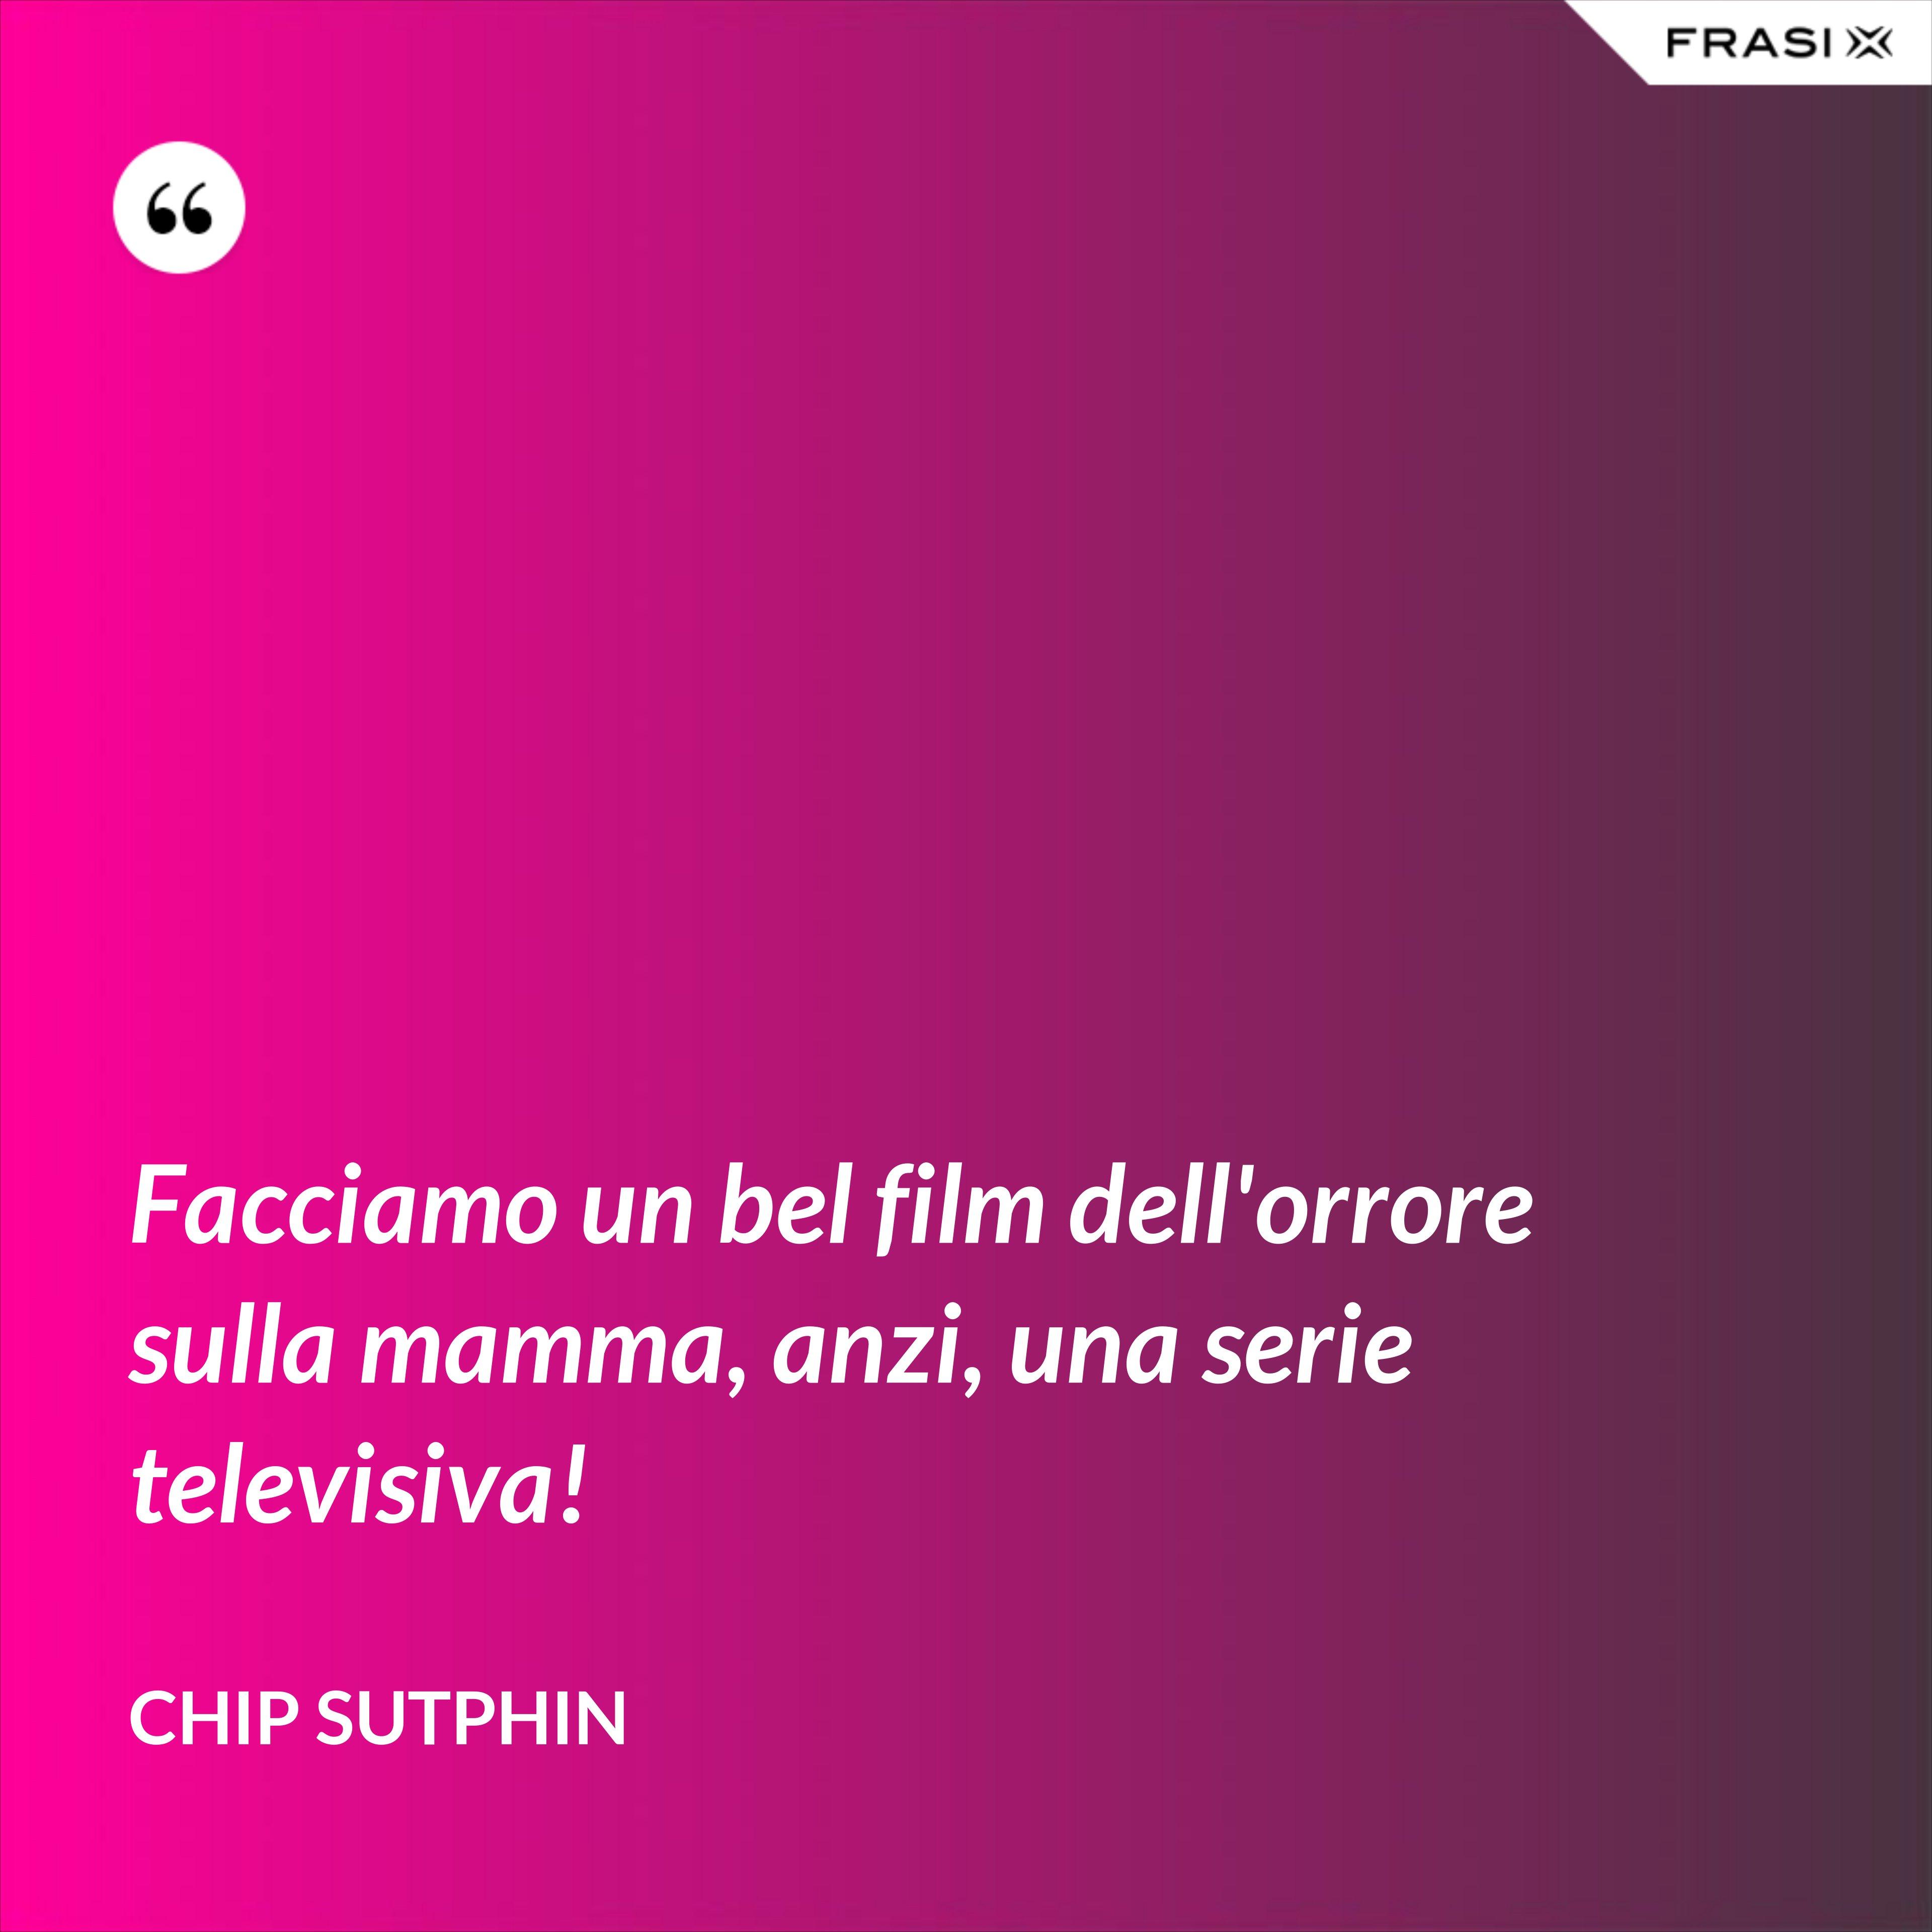 Facciamo un bel film dell'orrore sulla mamma, anzi, una serie televisiva! - Chip Sutphin